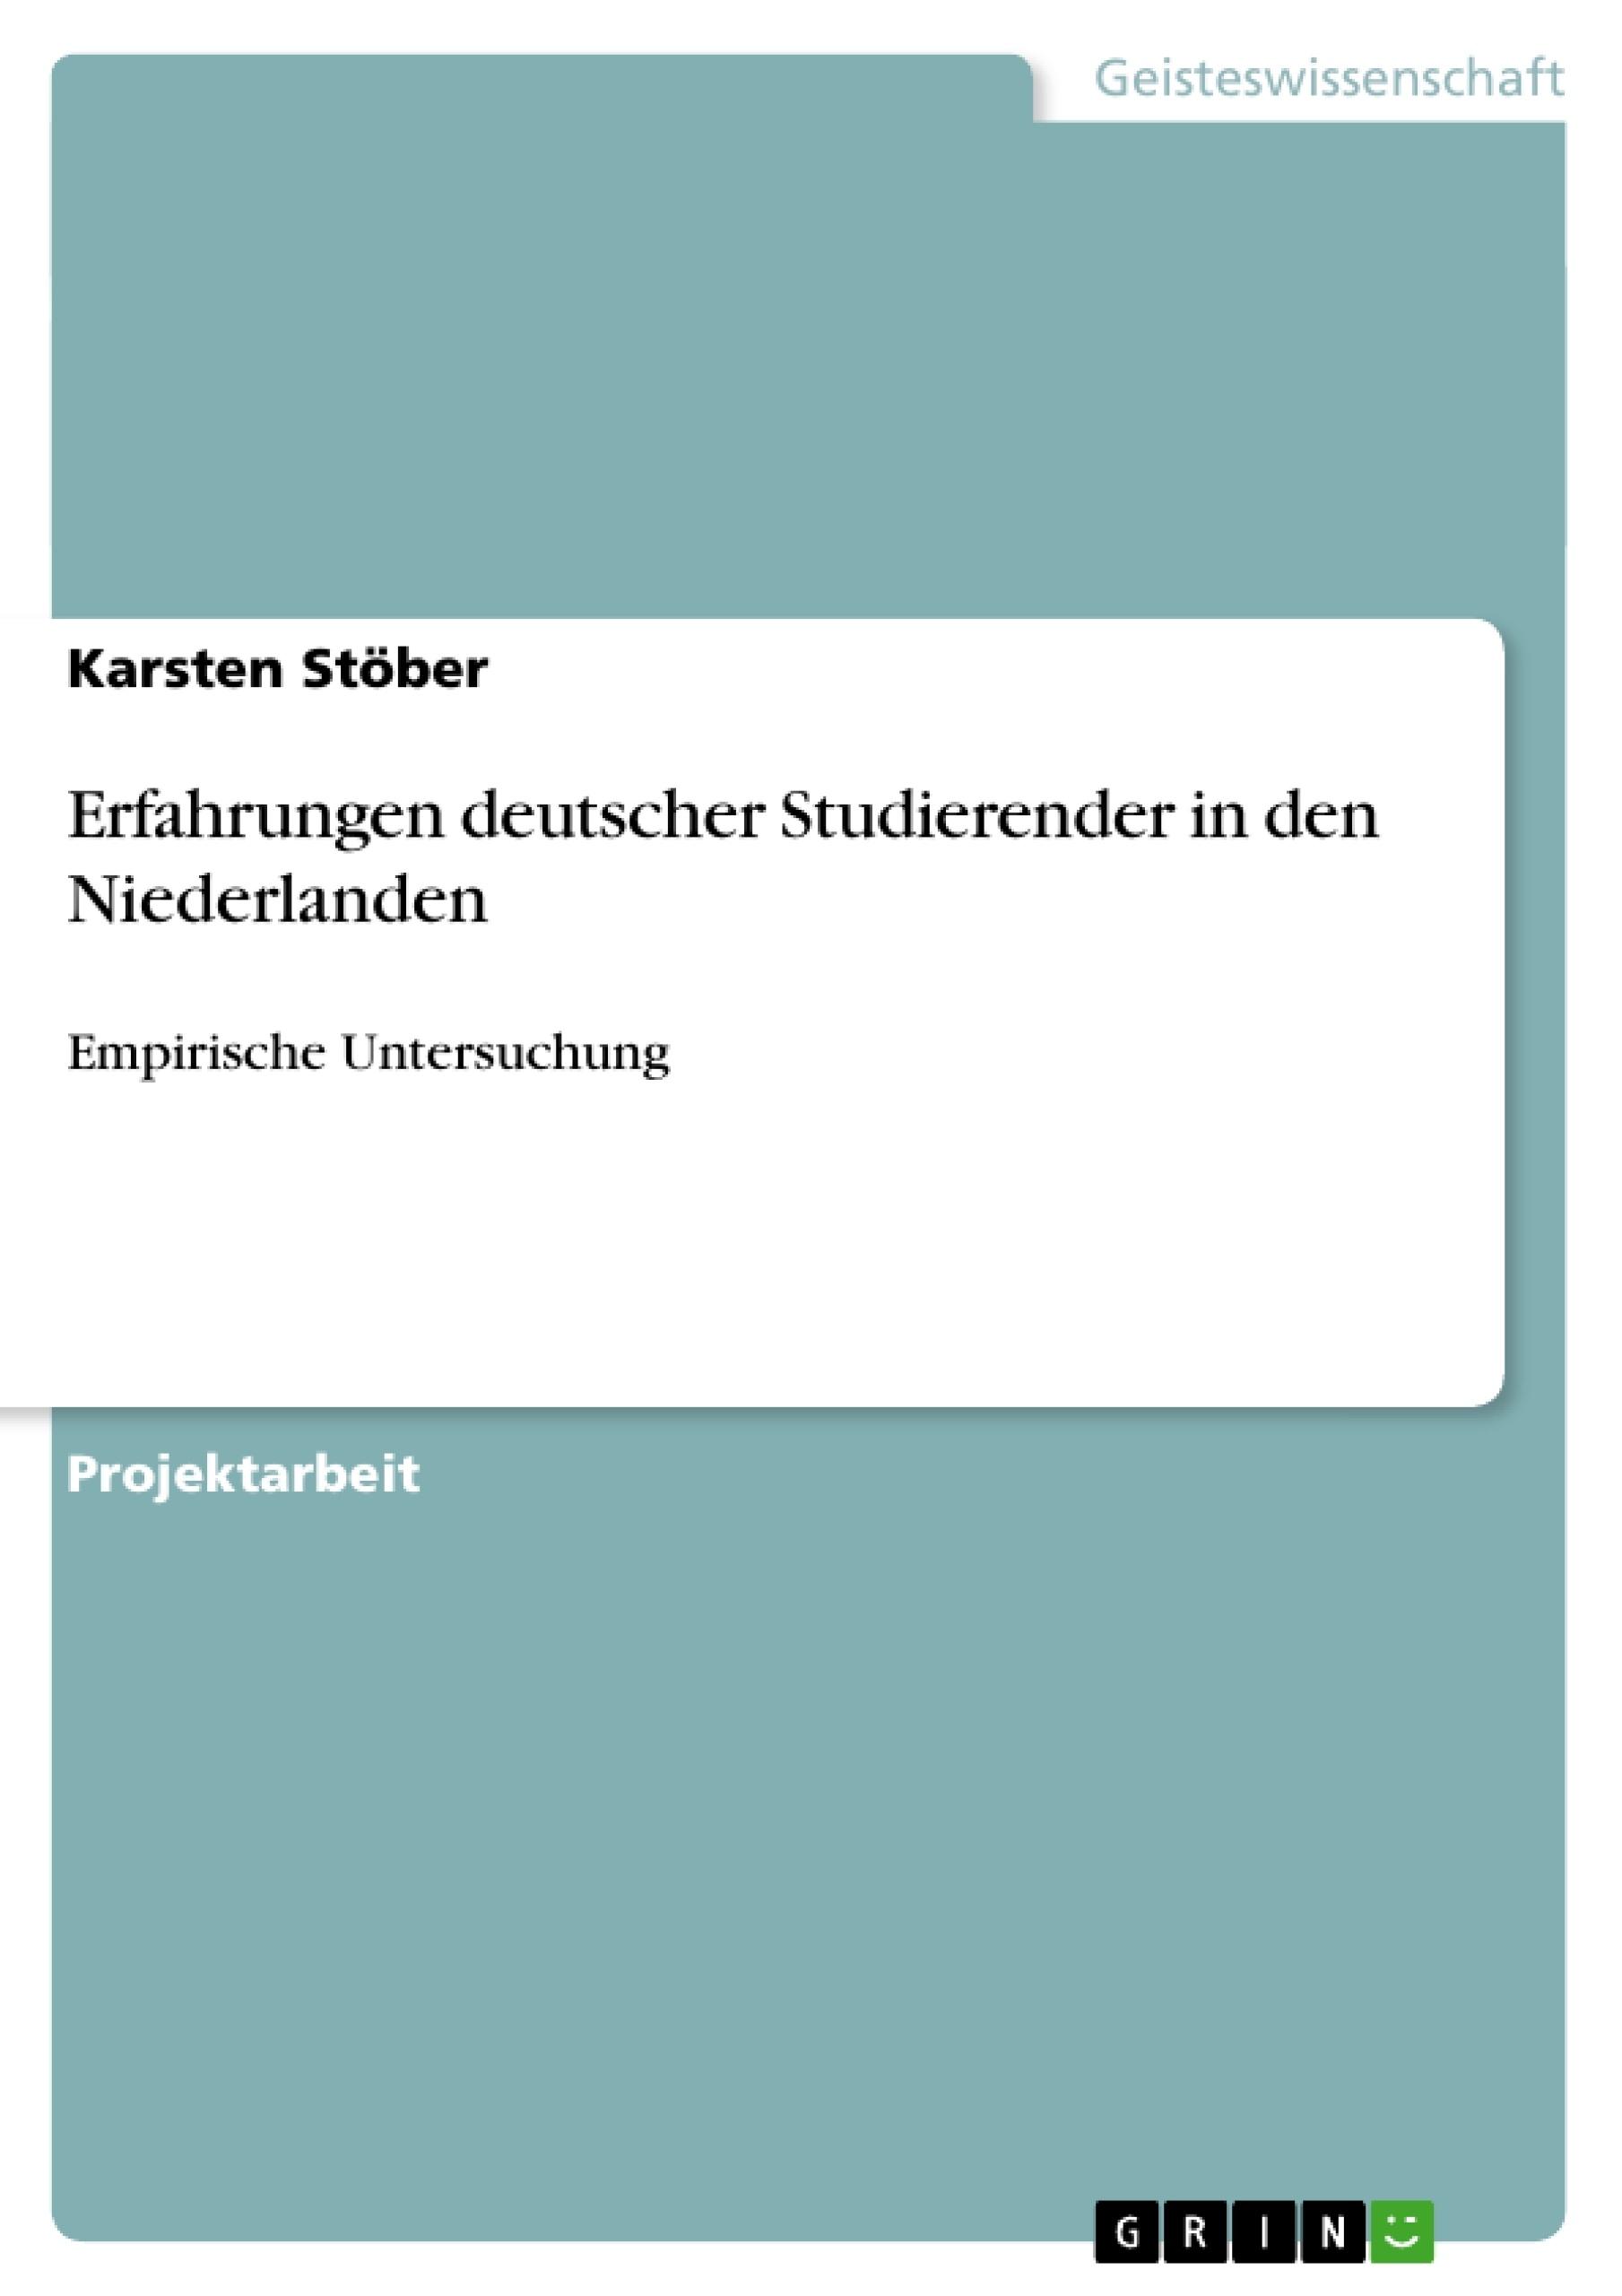 Titel: Erfahrungen deutscher Studierender in den Niederlanden